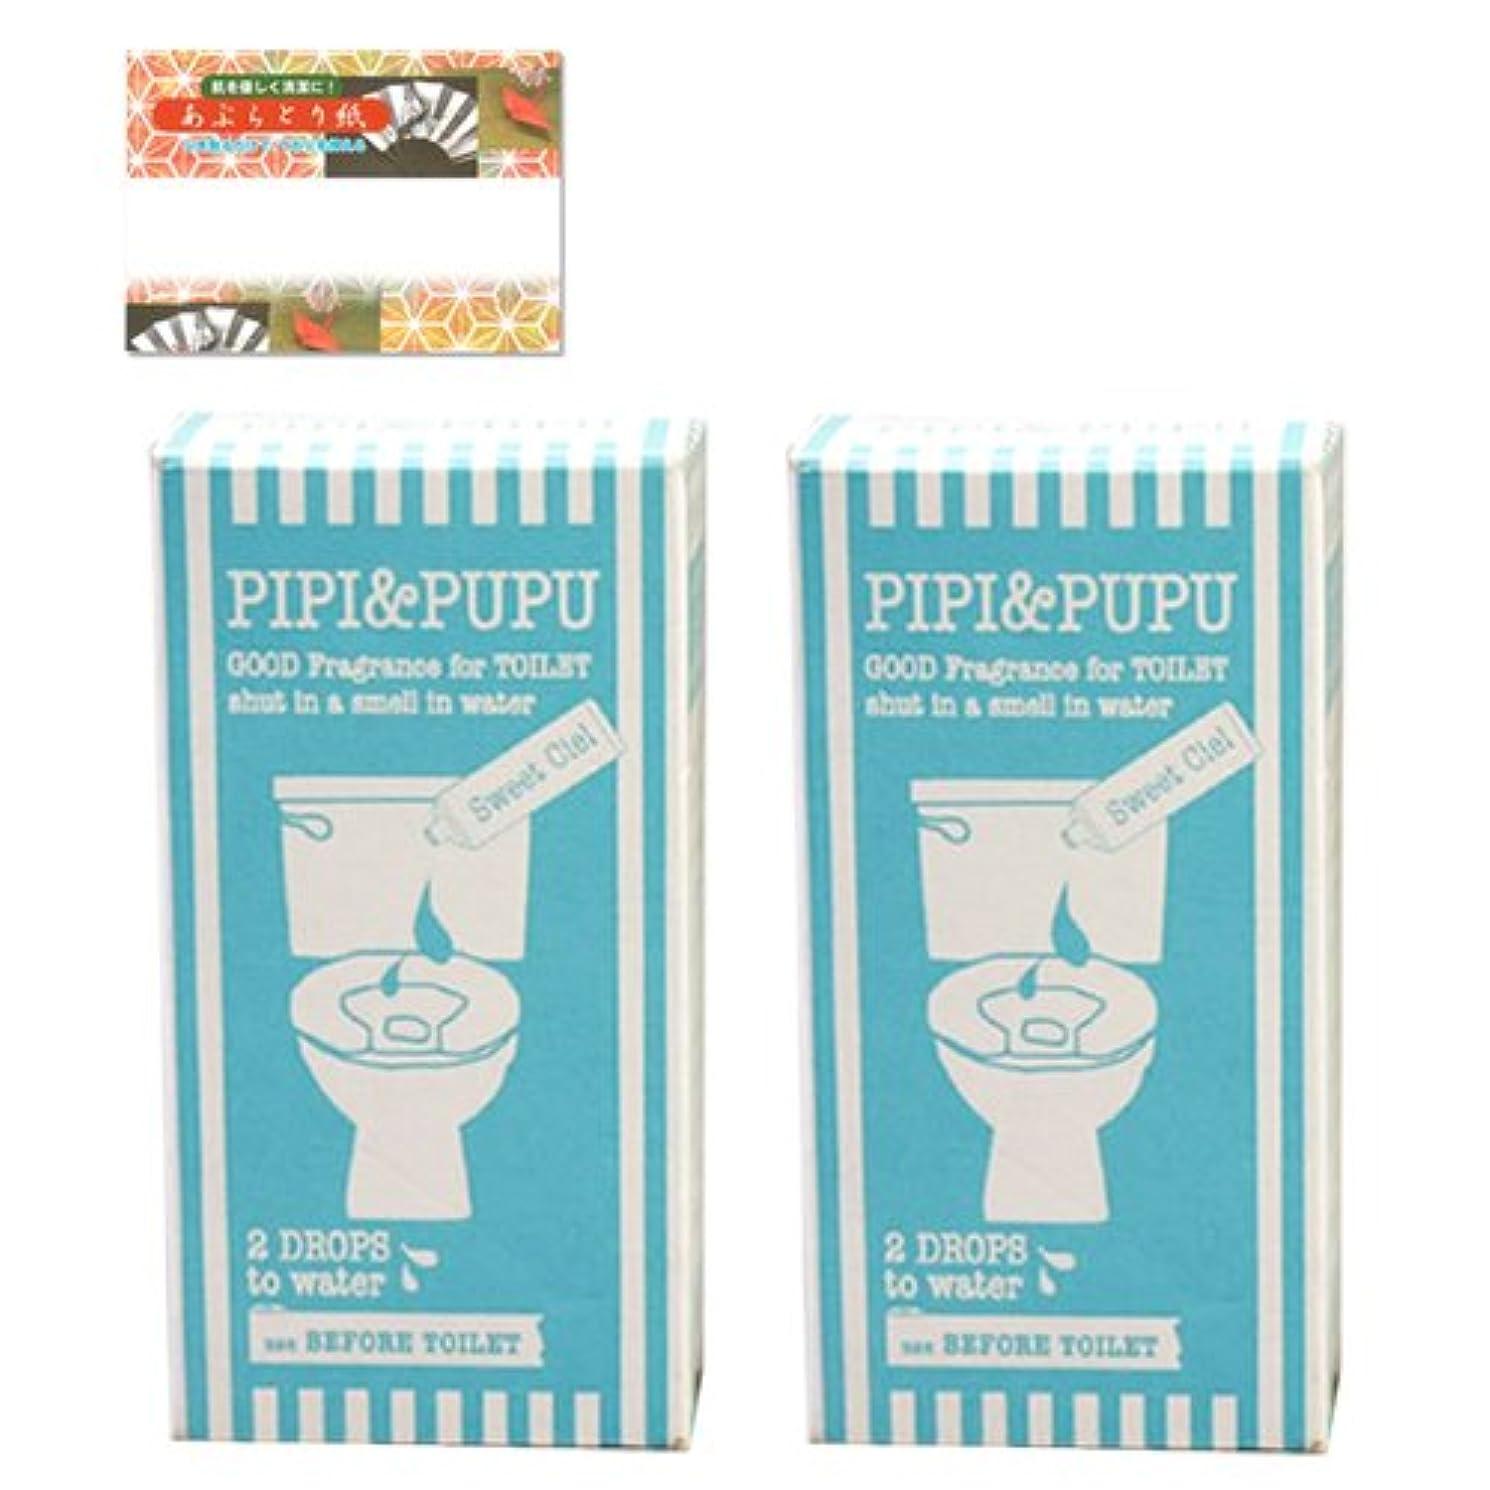 ピル韻不要トイレ用携帯消臭剤 ピピ&ププ (PIPI&PUPU) 15ml × 2個 + 高級あぶらとり紙セット